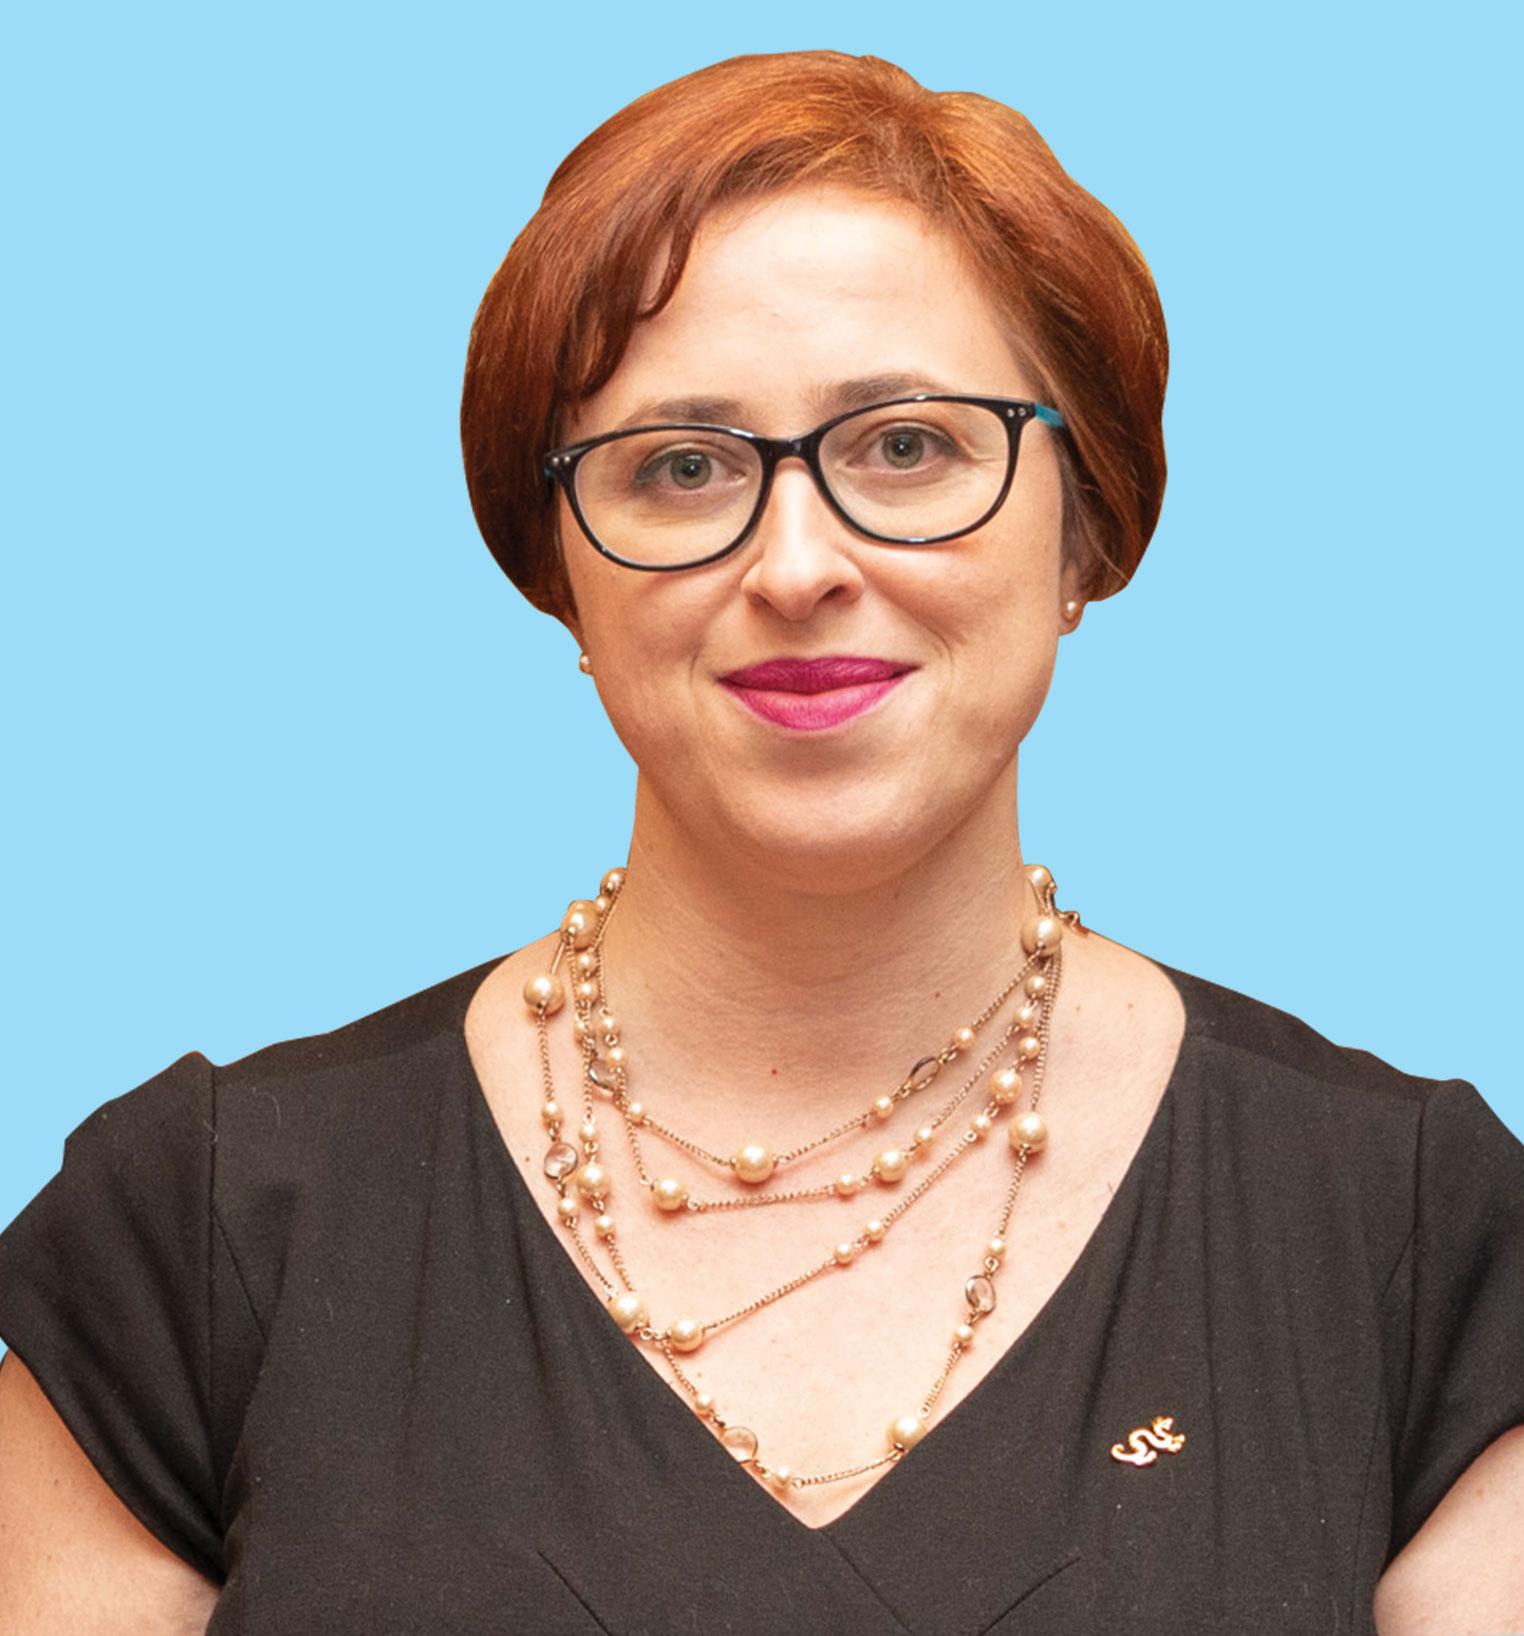 Natalie Chernets Headshot